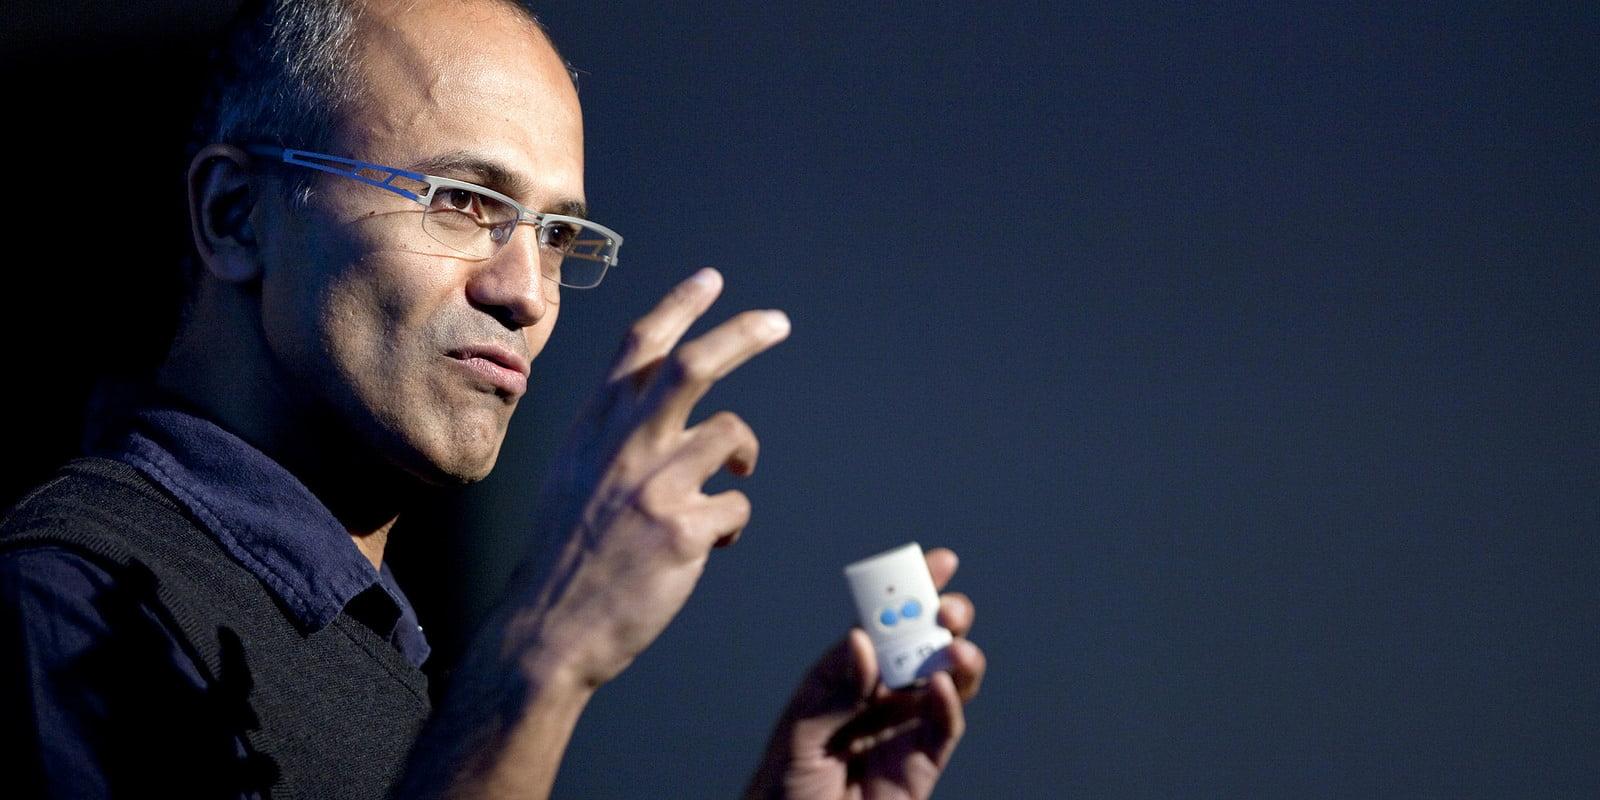 Microsoft CEO Satya Nadella via Johannes Marliem/Flickr